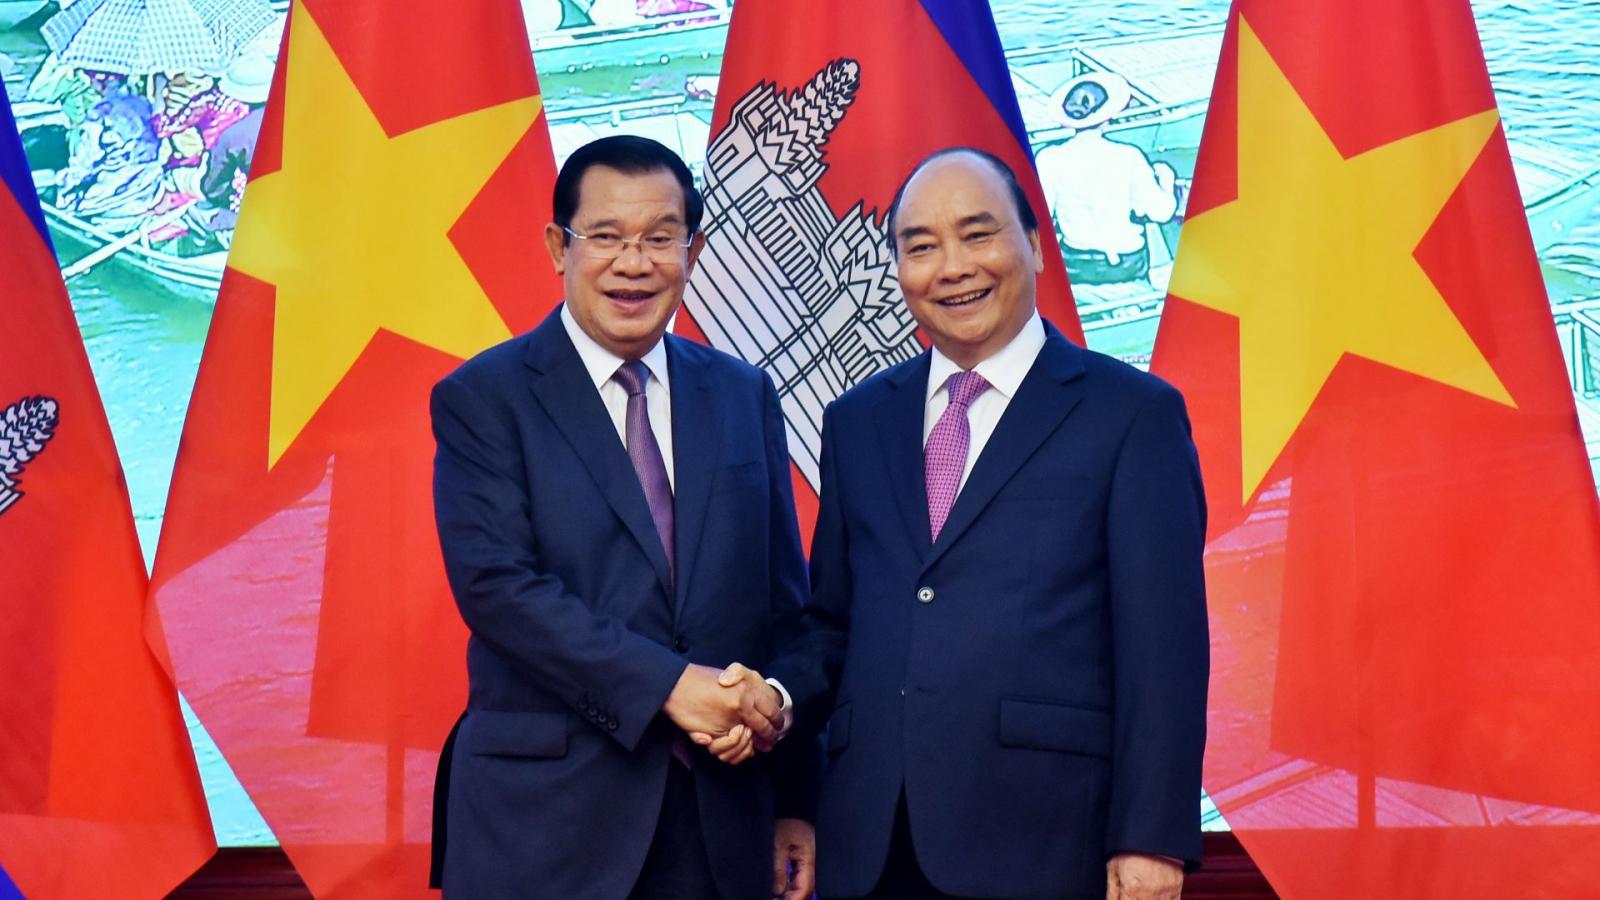 Việt Nam luôn coi trọng và dành ưu tiên cao cho quan hệ với Campuchia